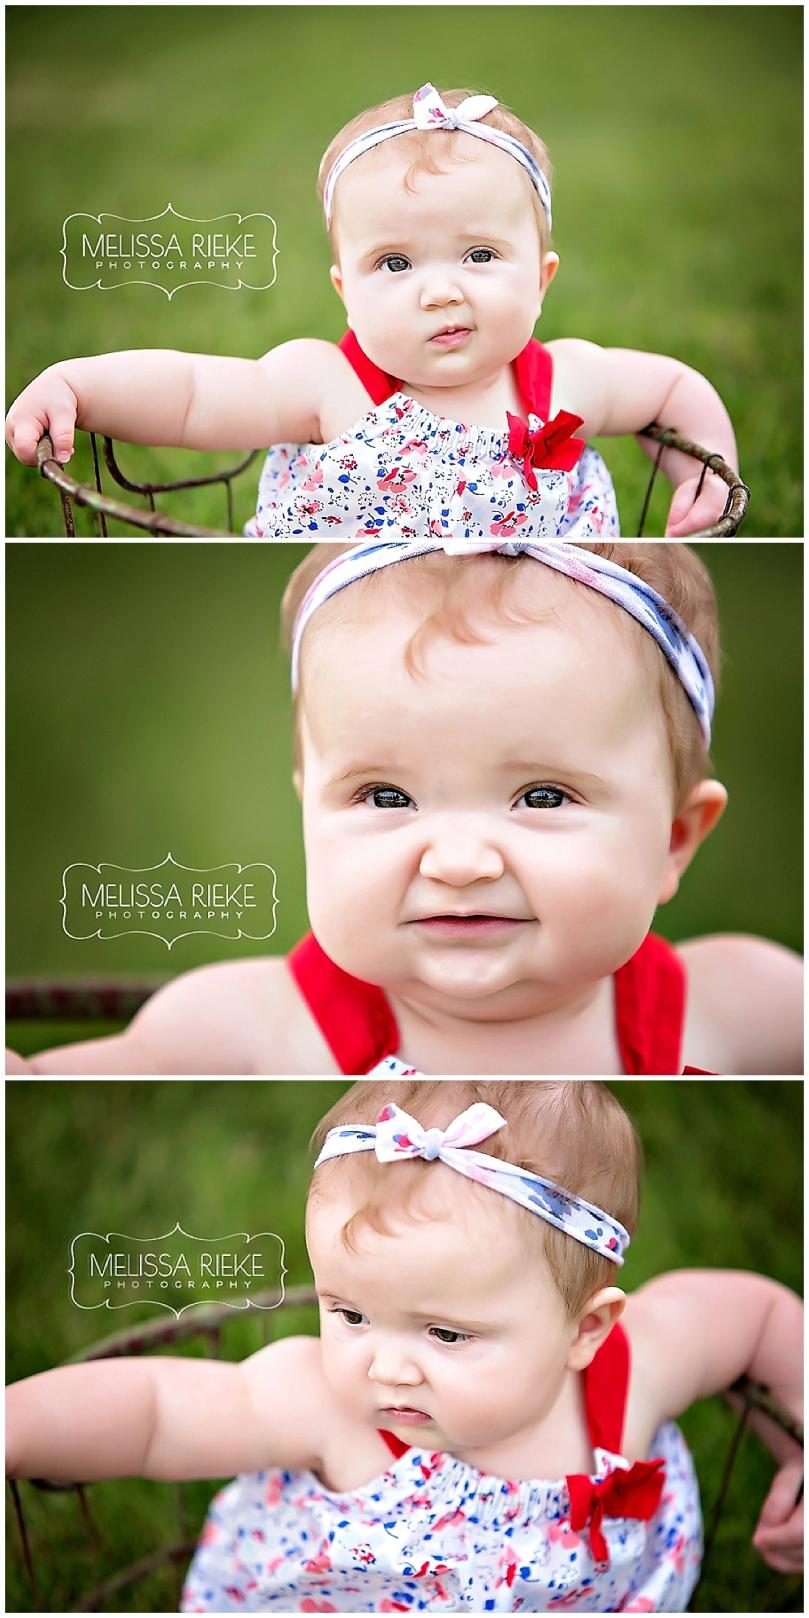 Kansas City Baby Photos green grass basket prop